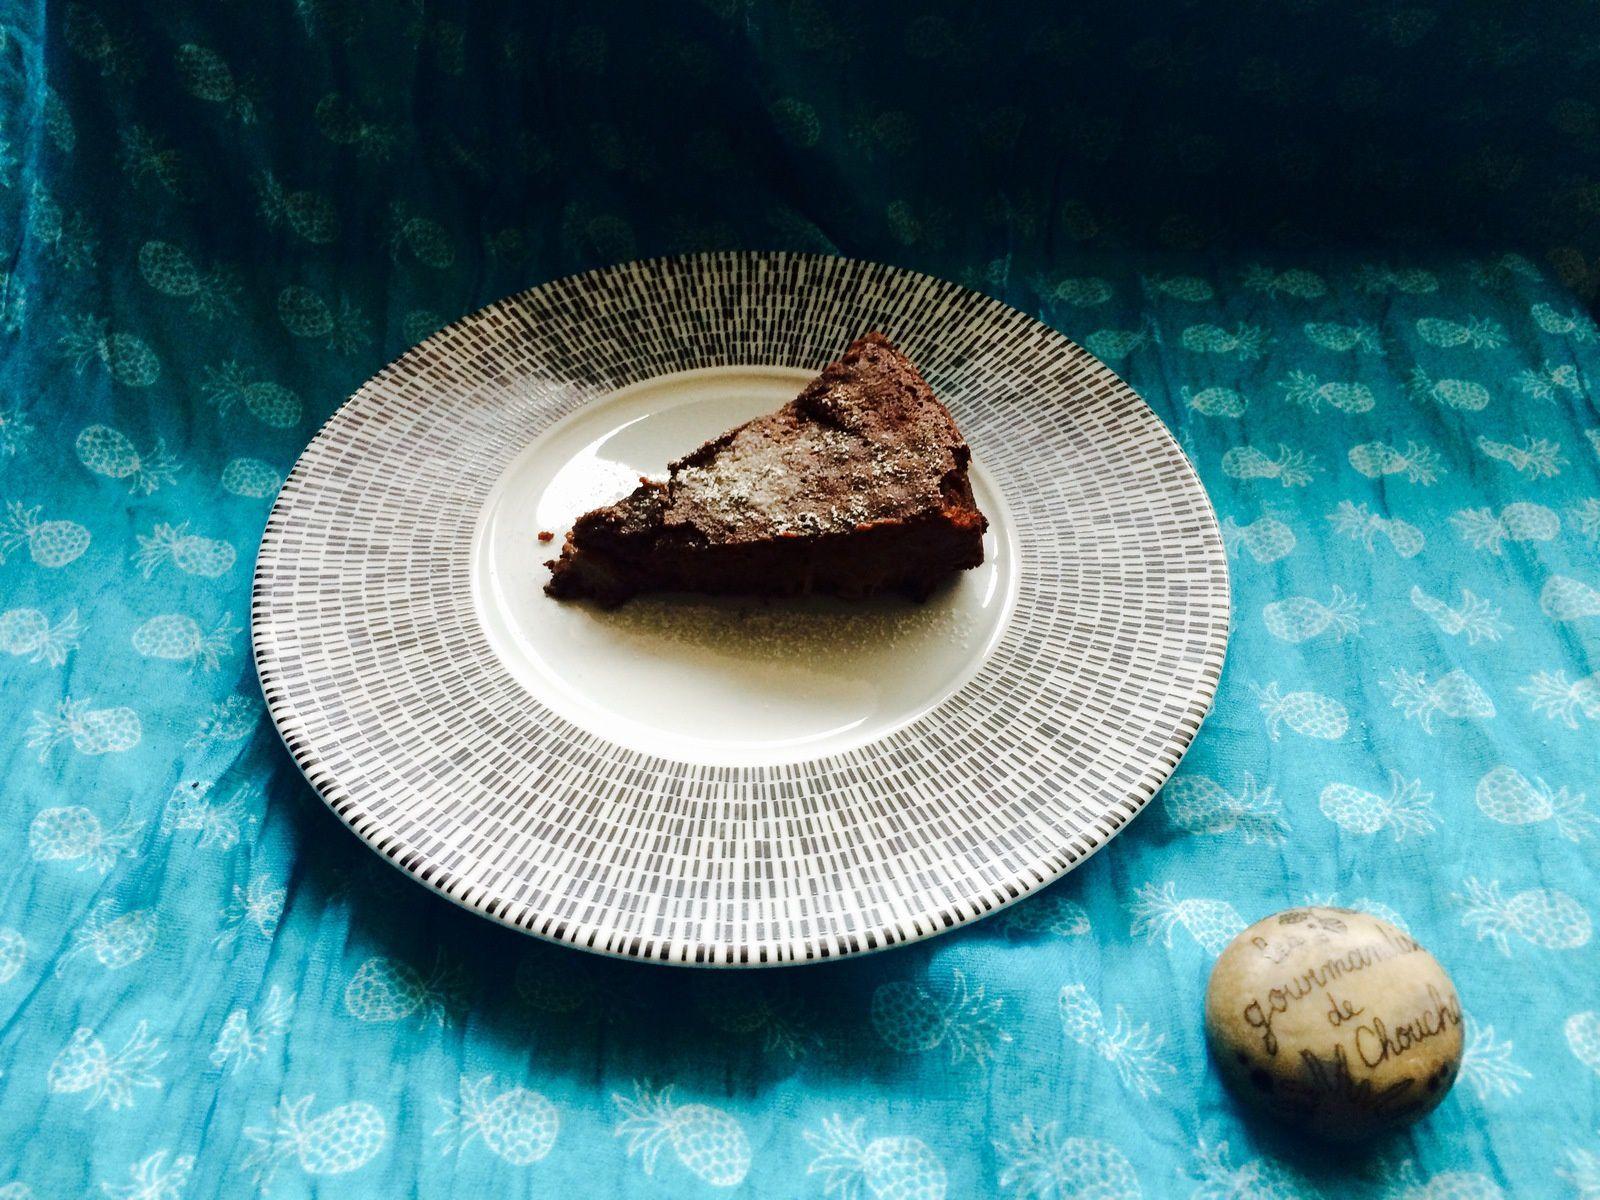 Gâteau chocolat rhubarbe parfait pour la fête des pères